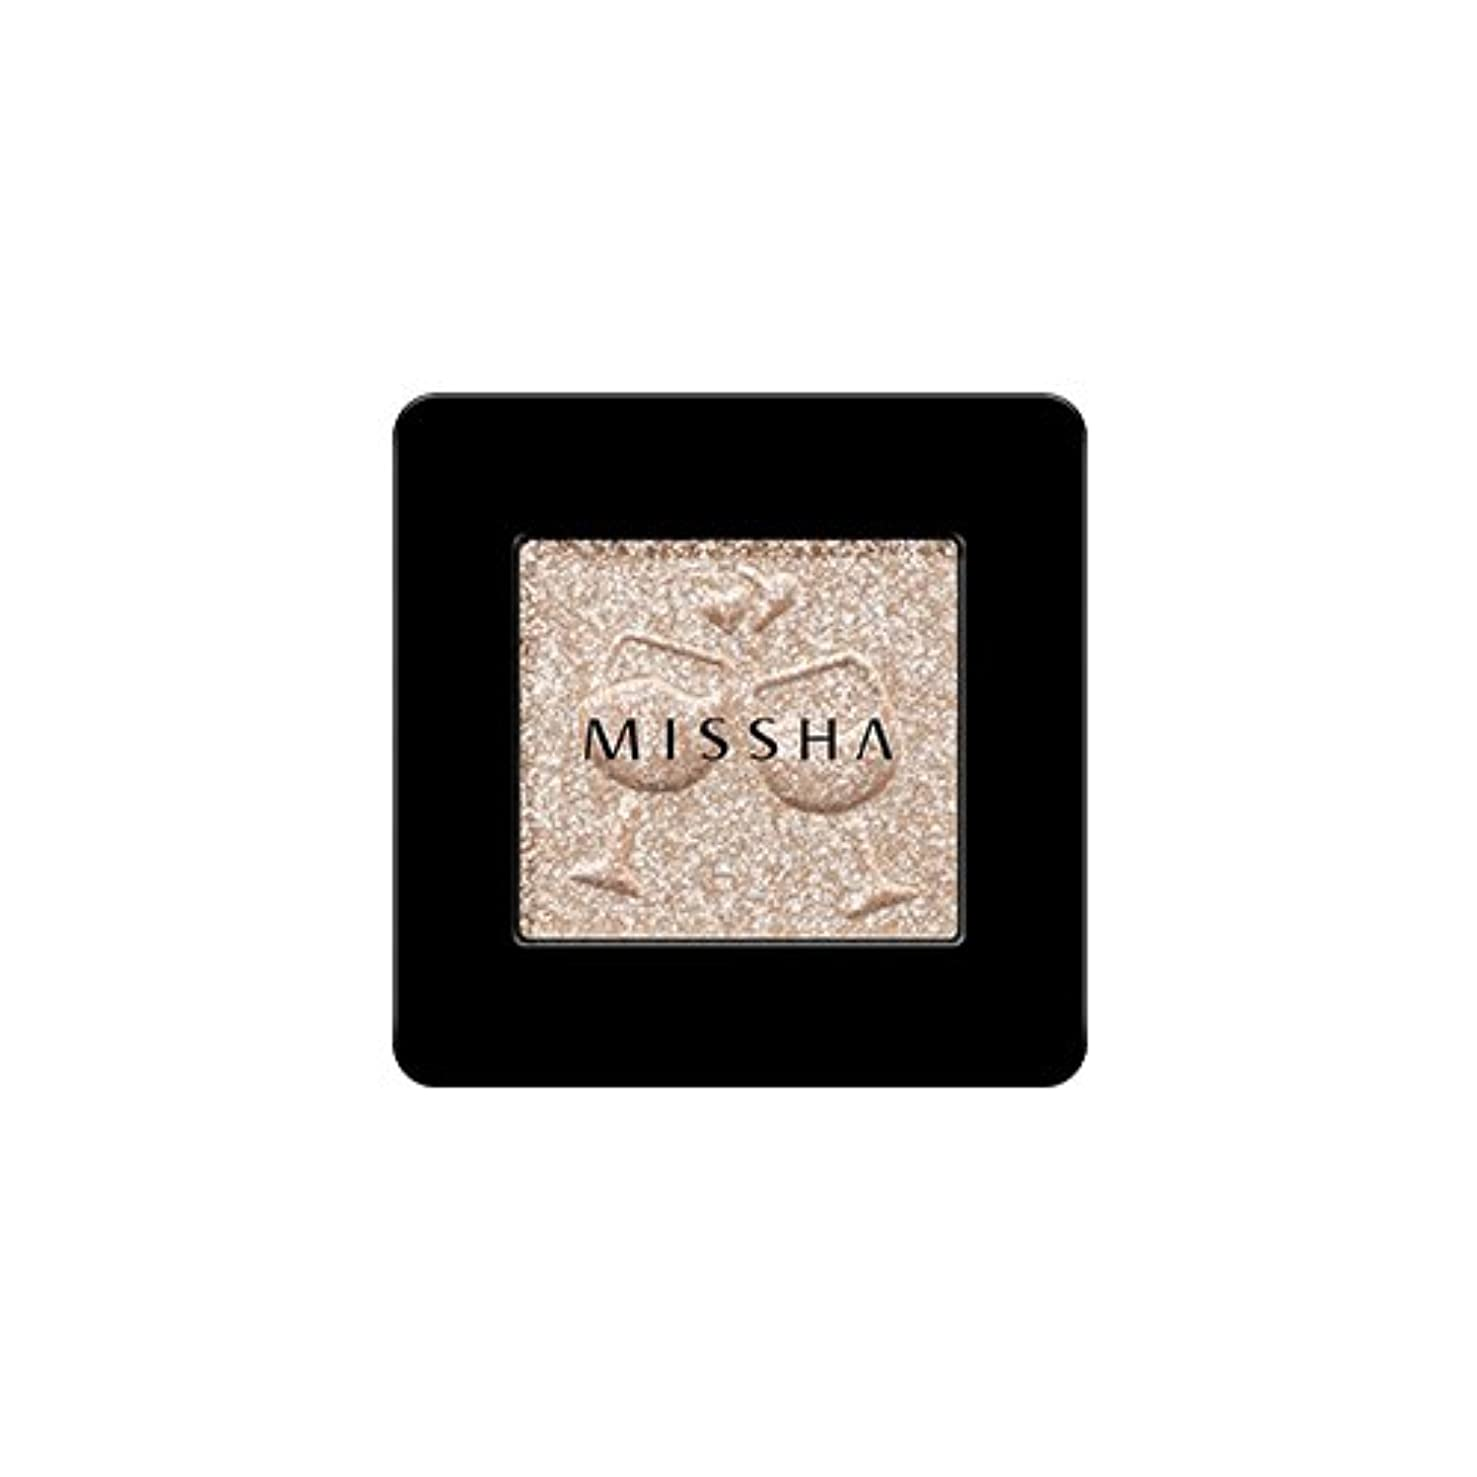 領域名誉タイトル[2016 F/W New Color] MISSHA Modern Shadow [Glitter]/ミシャ モダン シャドウ [グリッター] (#GBE03 Vanilla Champagne)